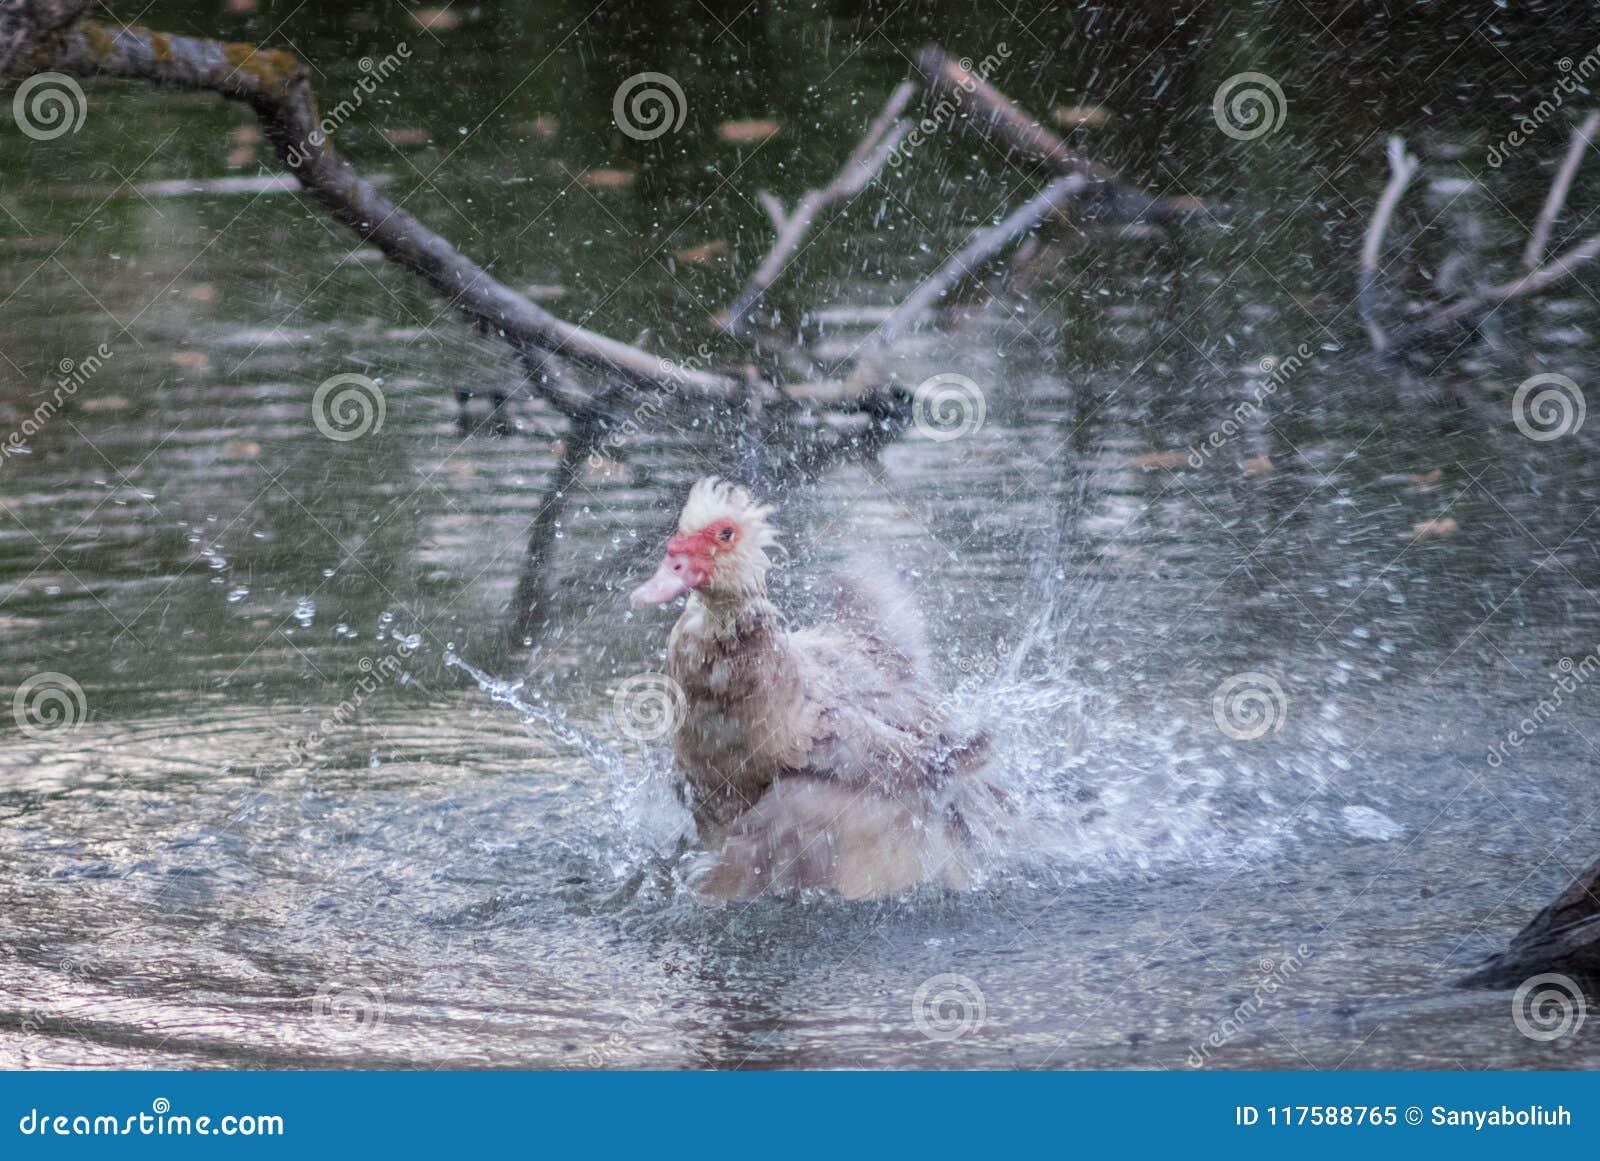 Vögel und Tiere in den wild lebenden Tieren Erstaunliche Nahaufnahmeansicht der Ente auf Stein unter Sonnenlicht